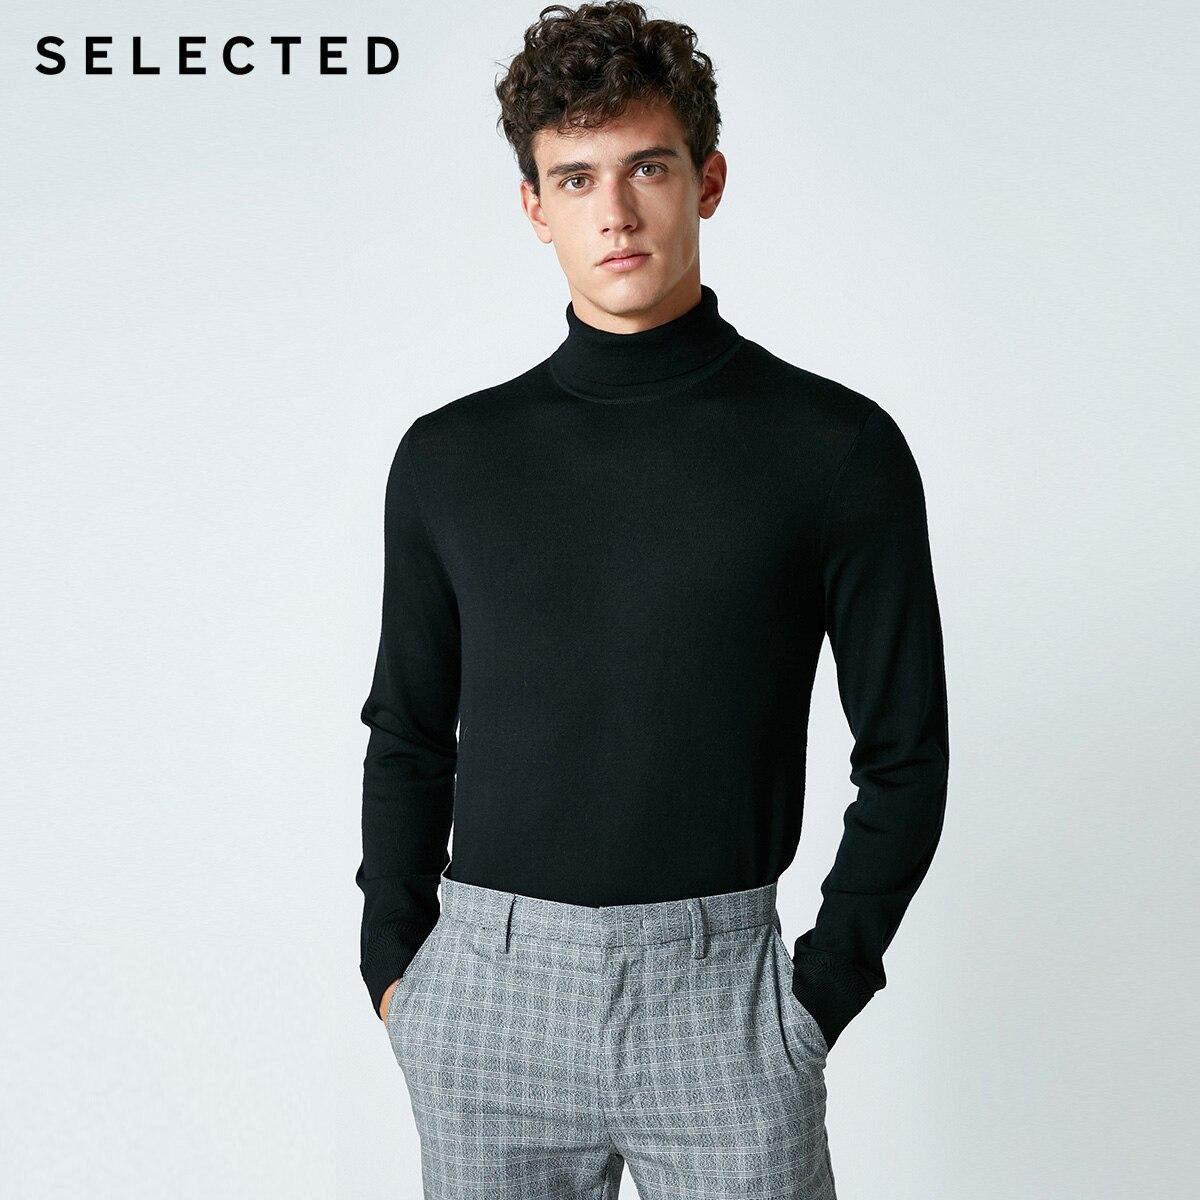 Selected blackrock의 새로운 남성 레저 이탈리아어 100% 울 스웨터 스웨터 s  418424502-에서풀오버부터 남성 의류 의  그룹 3